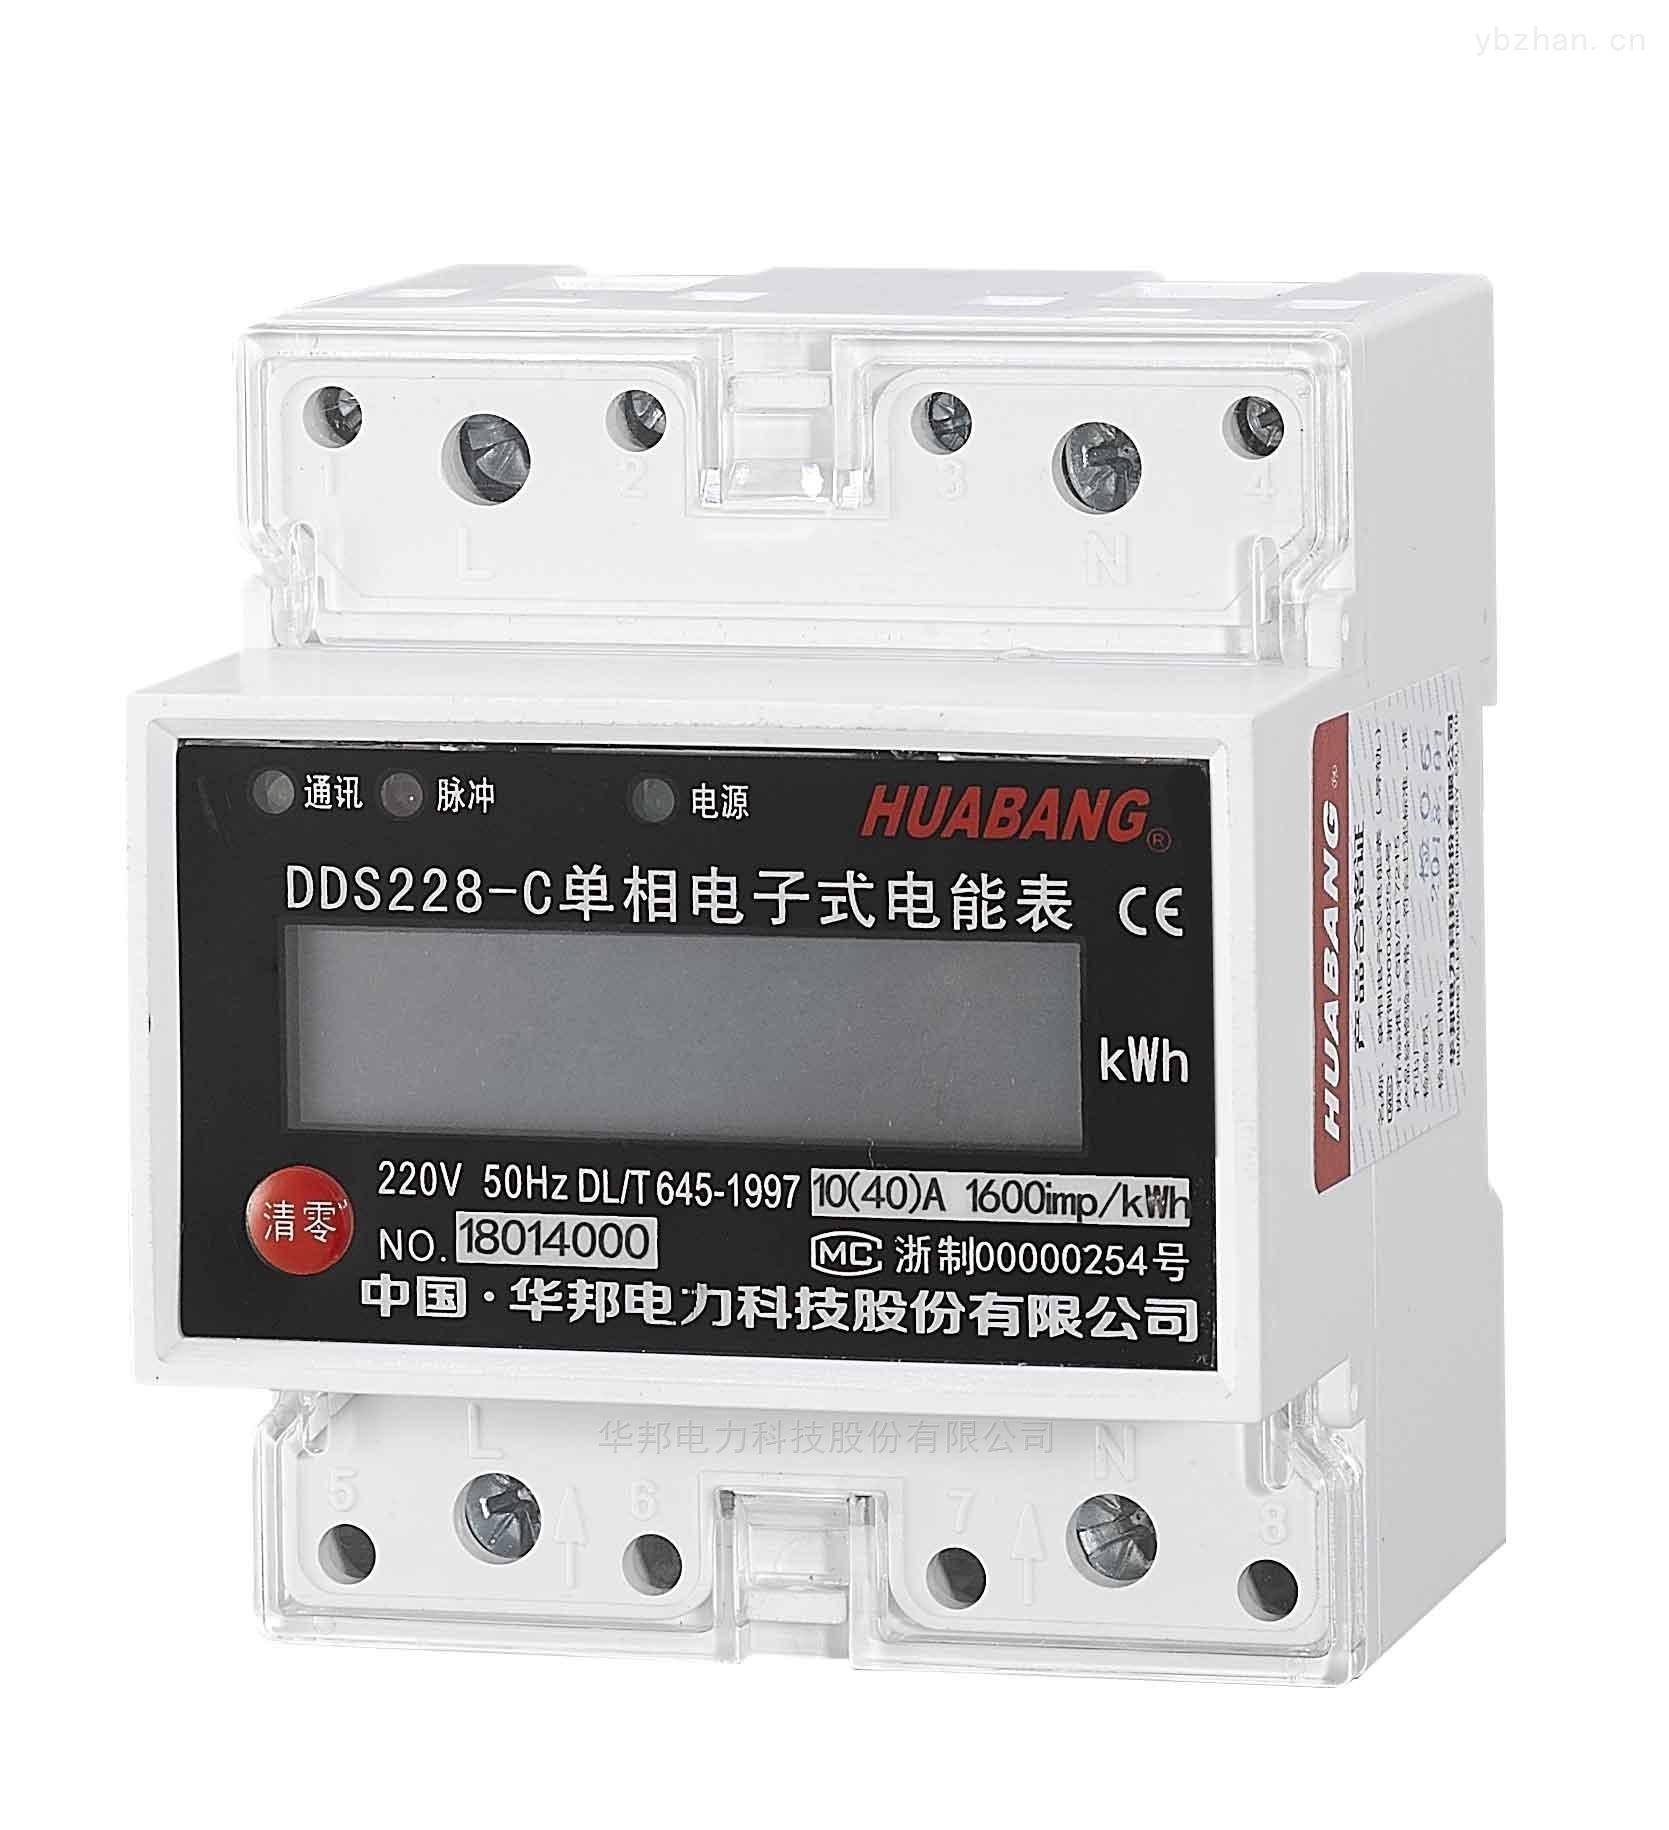 华邦电子有限公司_单相多功能导轨式电能表-华邦电力科技股份有限公司